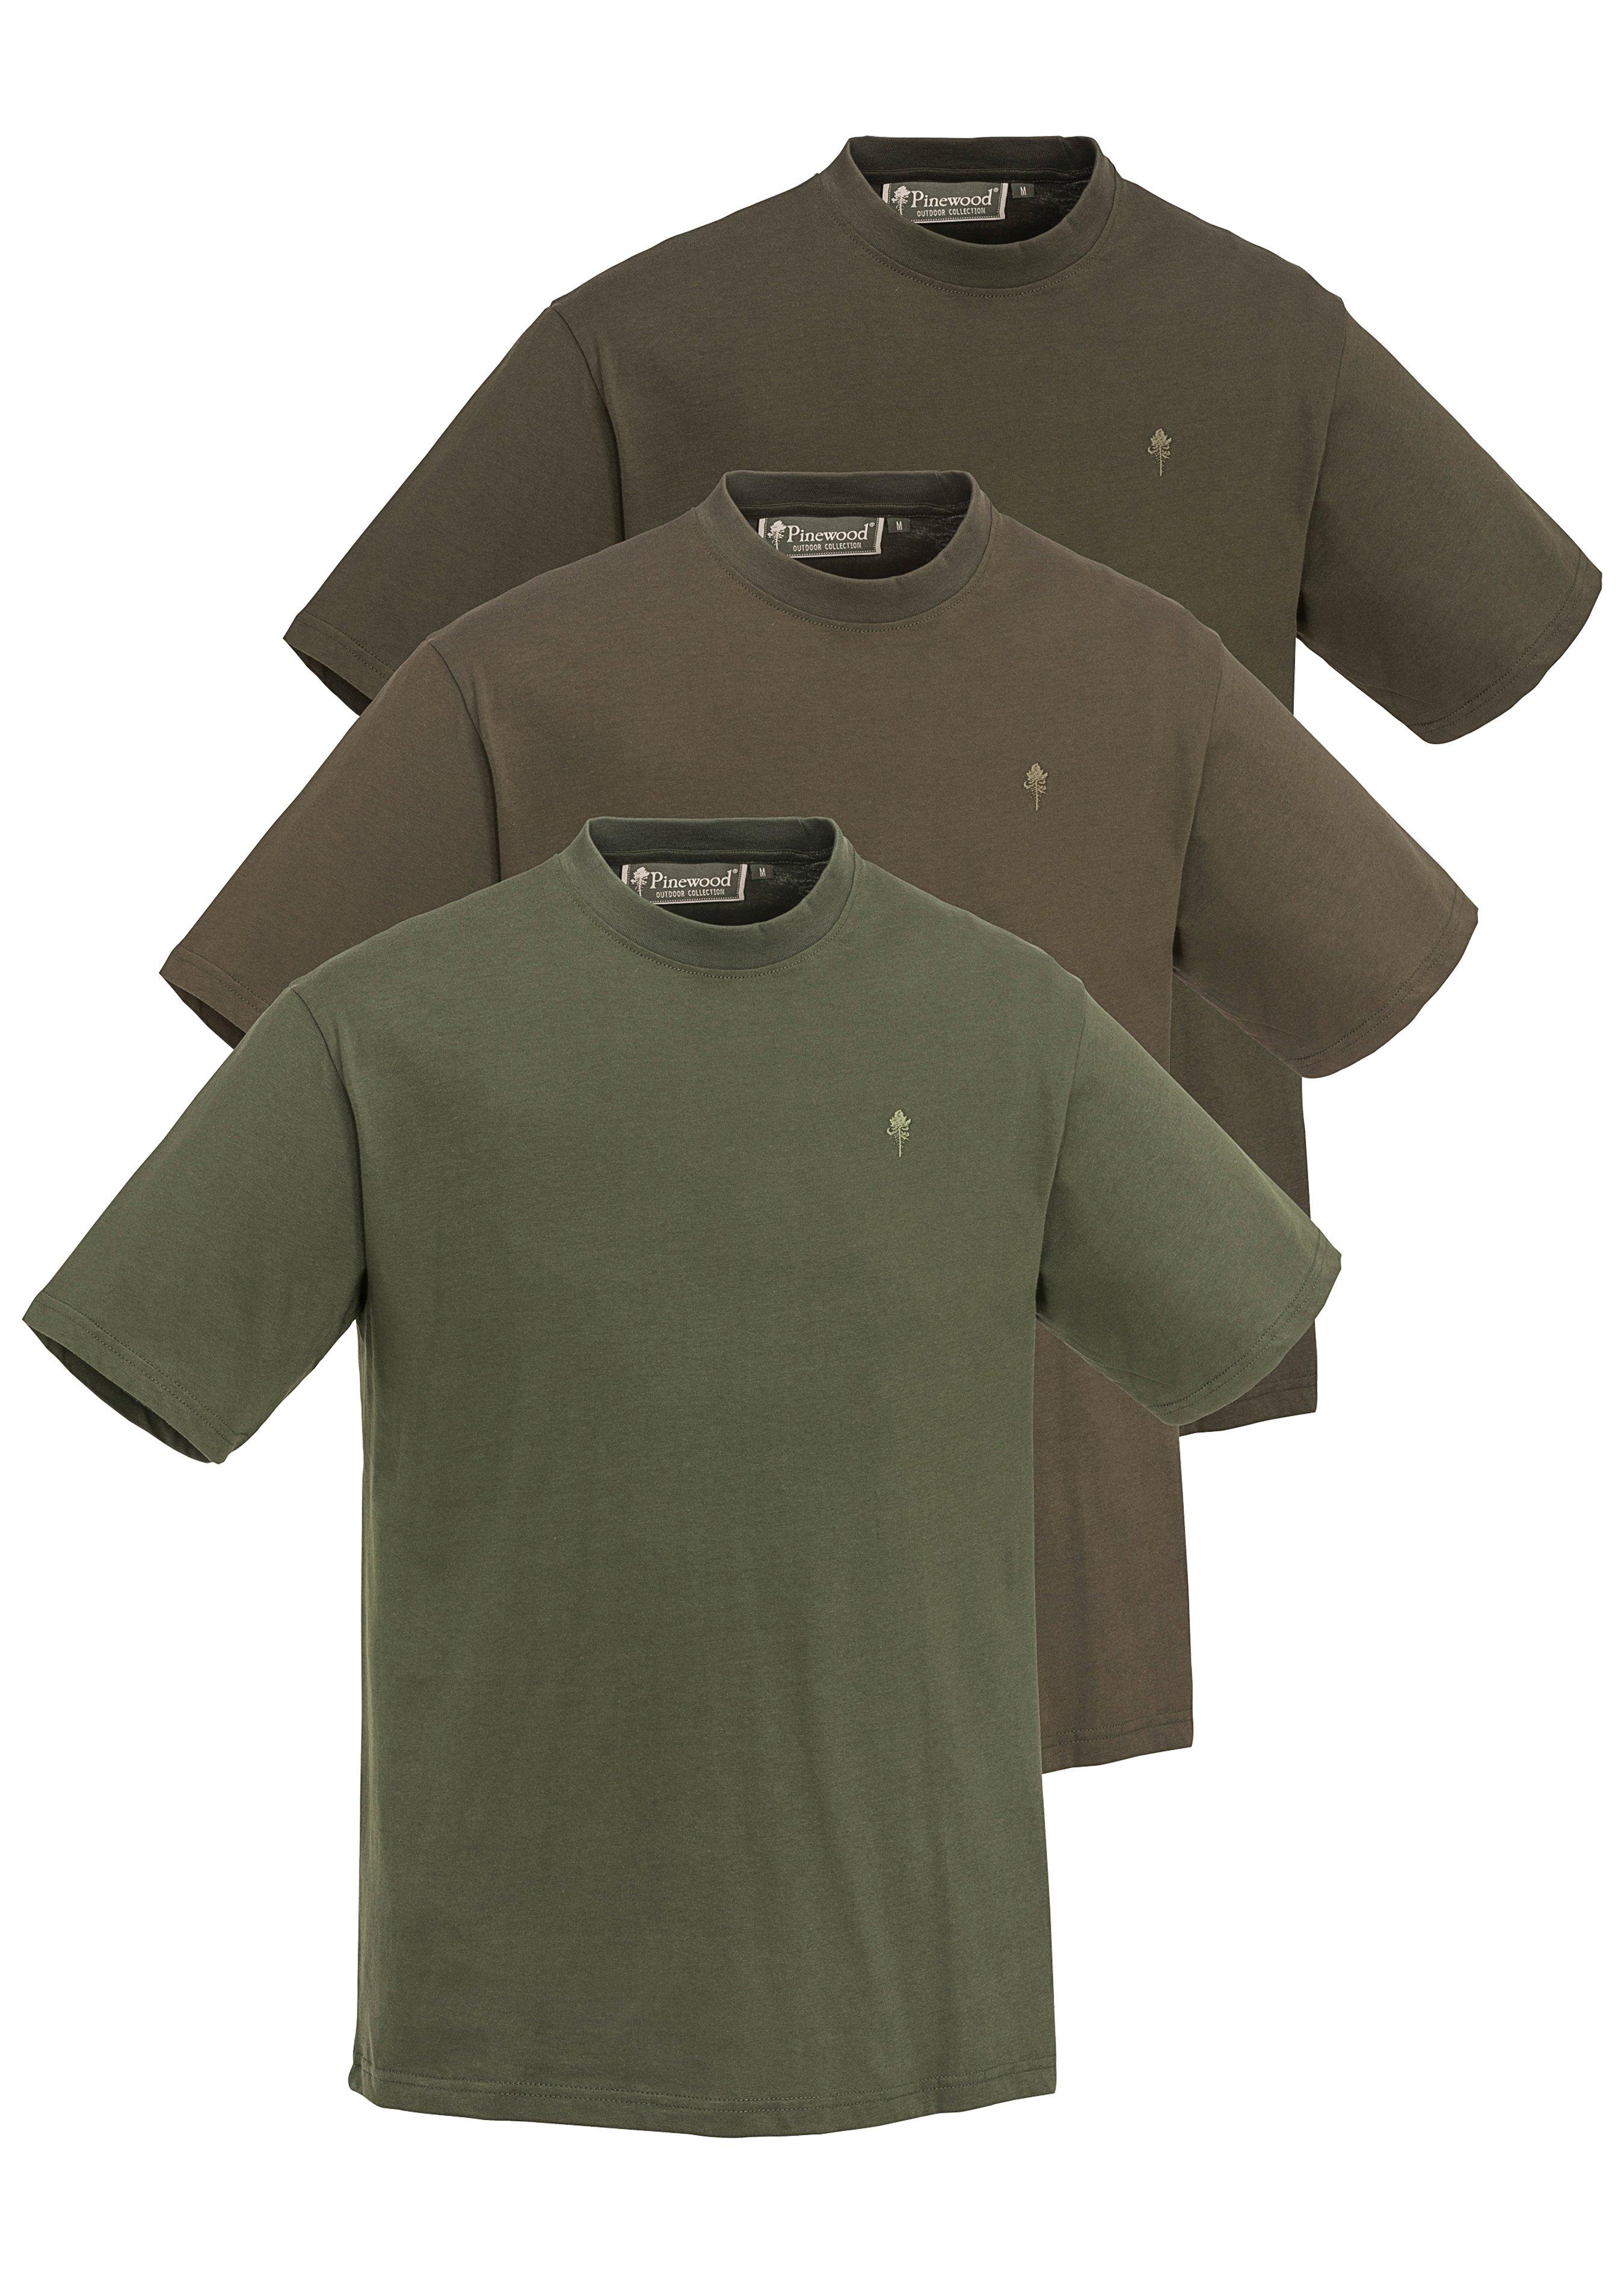 Pinewood Qualitäts T-Shirts 3-er Pack 230601L 1